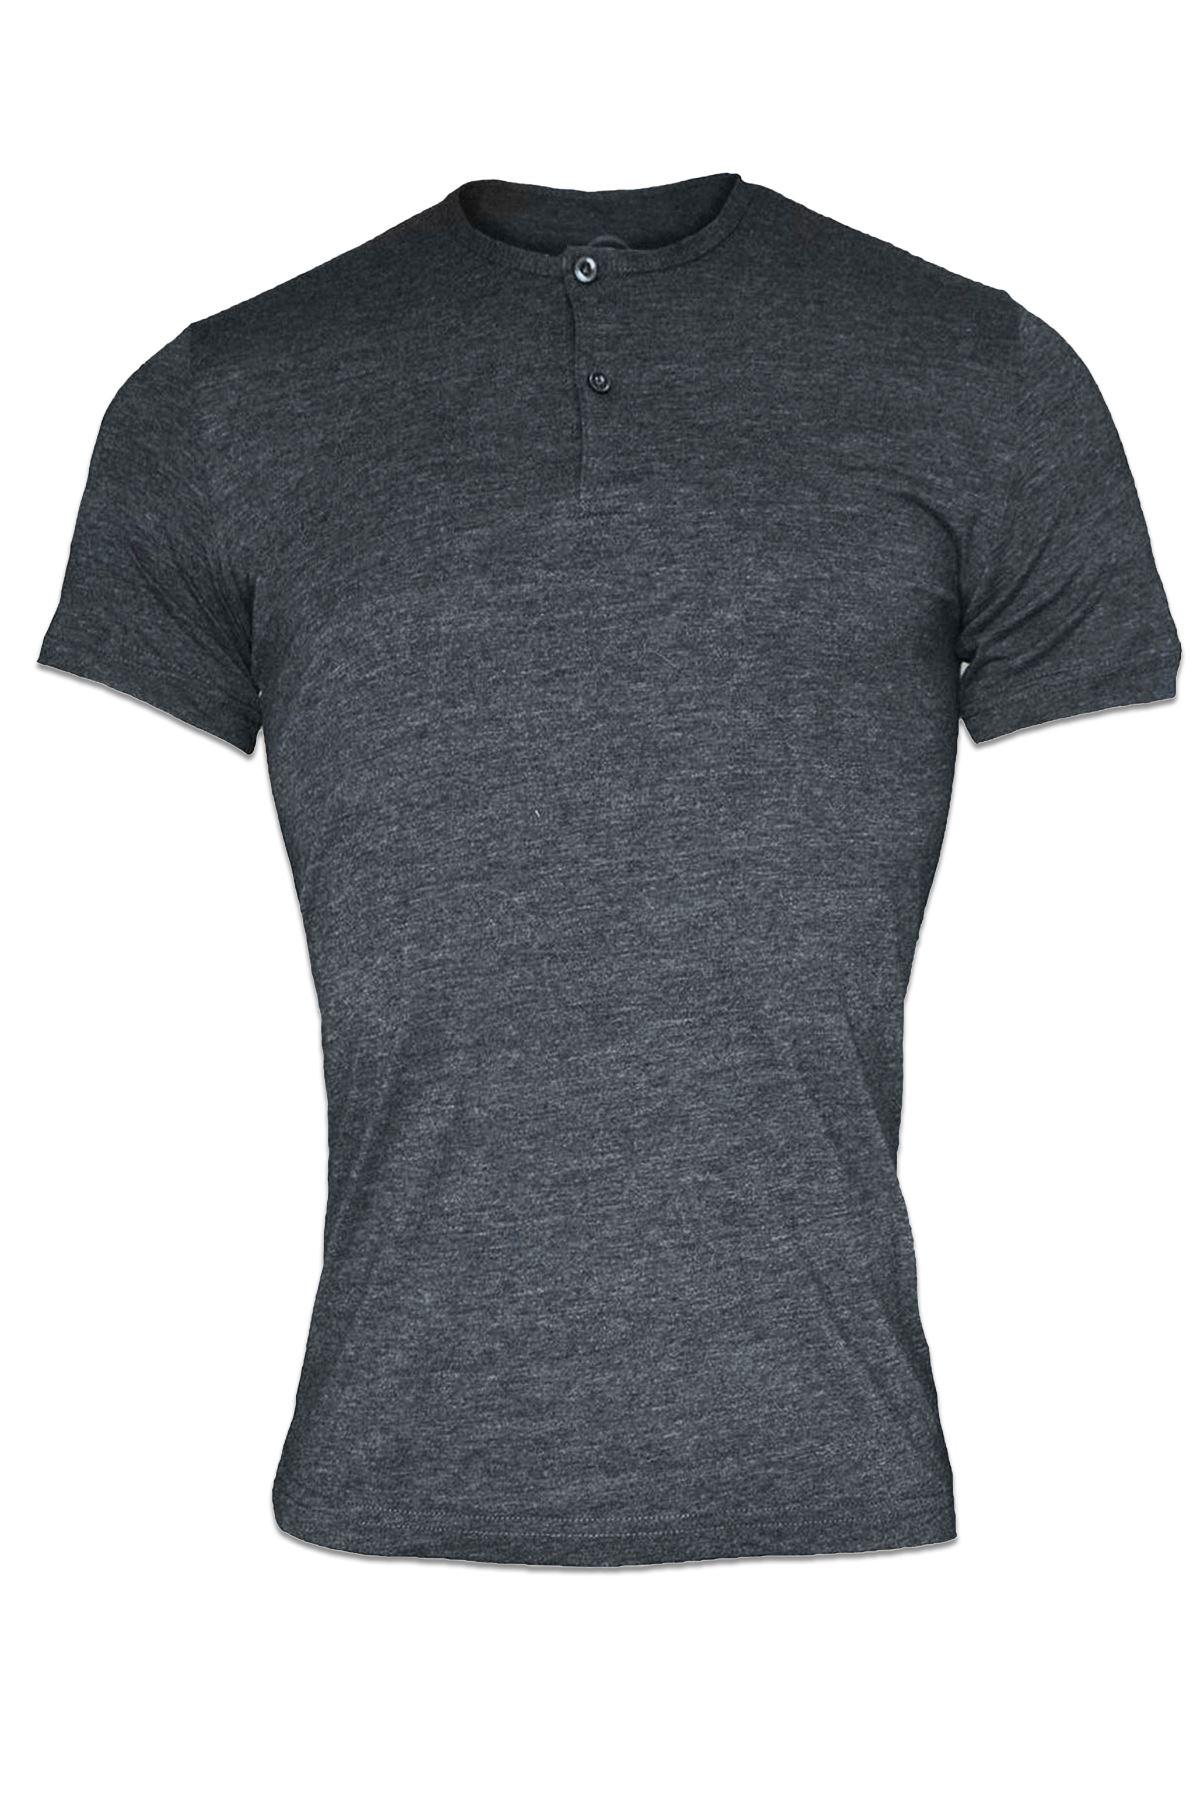 Antrasit Erkek Düğmeli Yaka Yaz Serinliği Tshirt 083